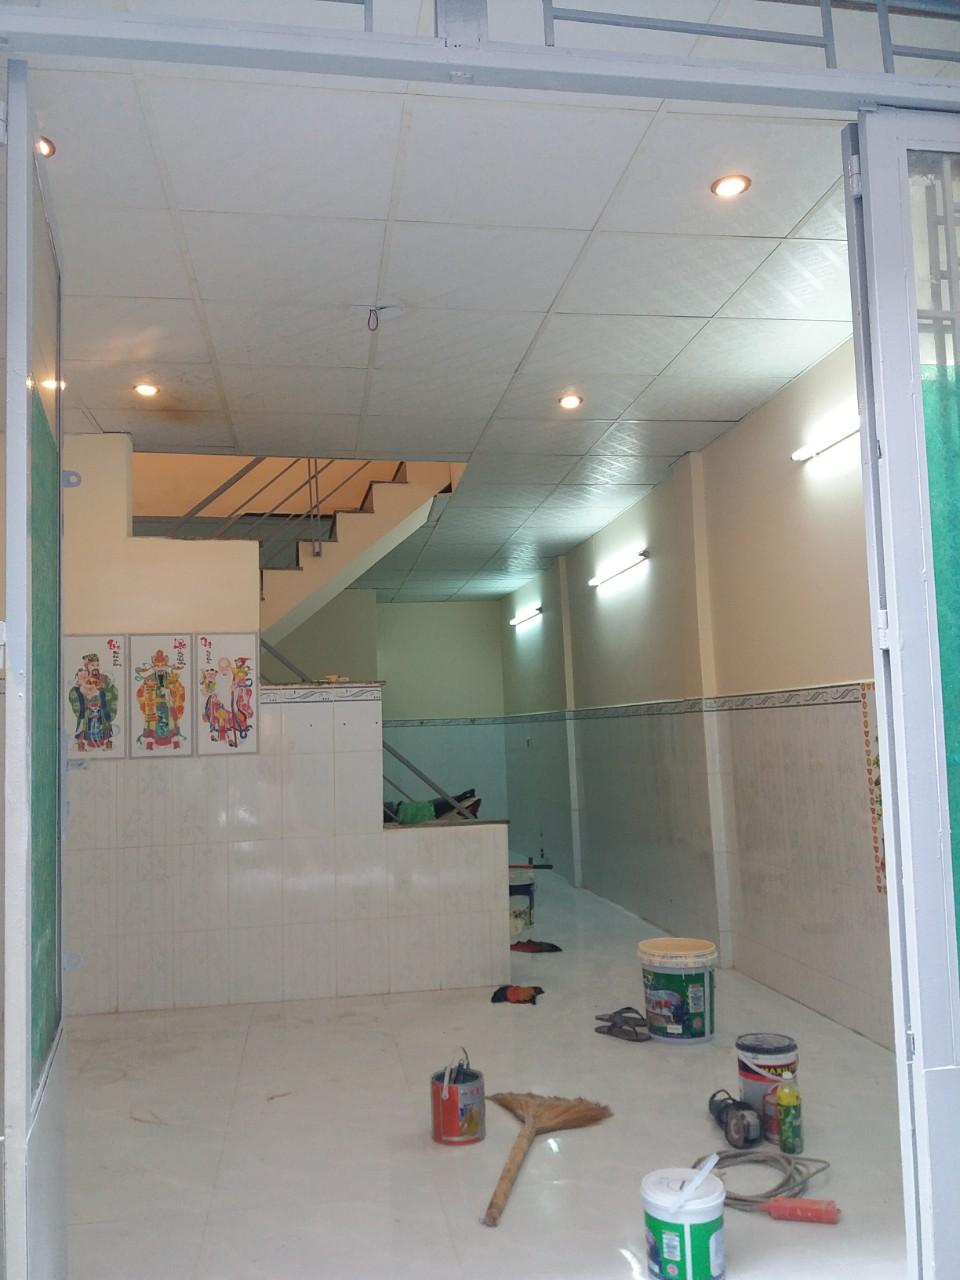 Bán nhà hẻm một sẹc Lý Thánh Tông Quận Tân Phú, diện tích 4mx10m, 1 trệt 1 lầu, giá bán 3,5 tỷ. 2